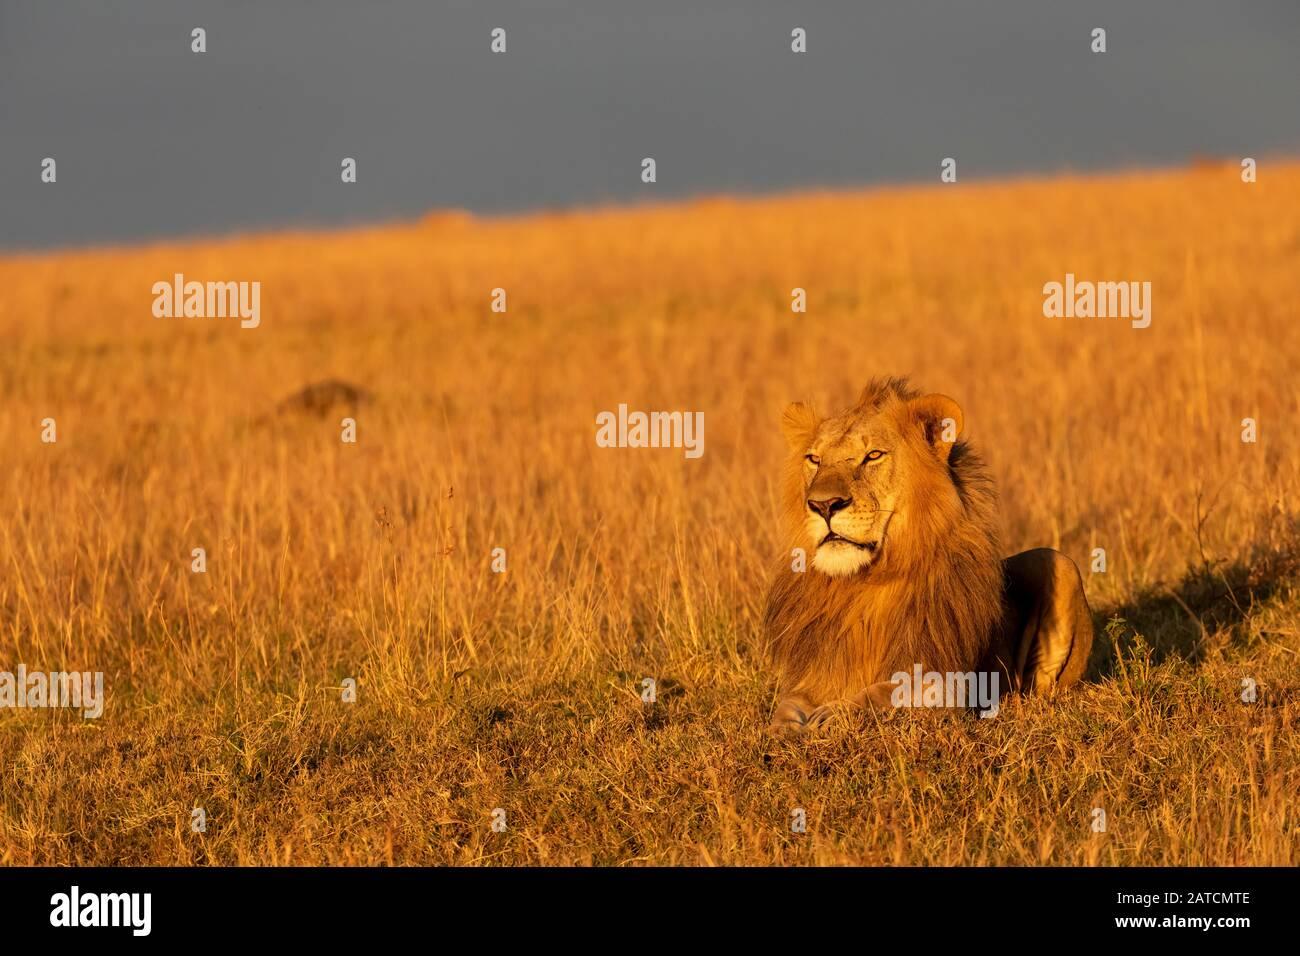 León Africano (Panthera leo) macho en la sabana en Mara North Conservancy, Kenia Foto de stock